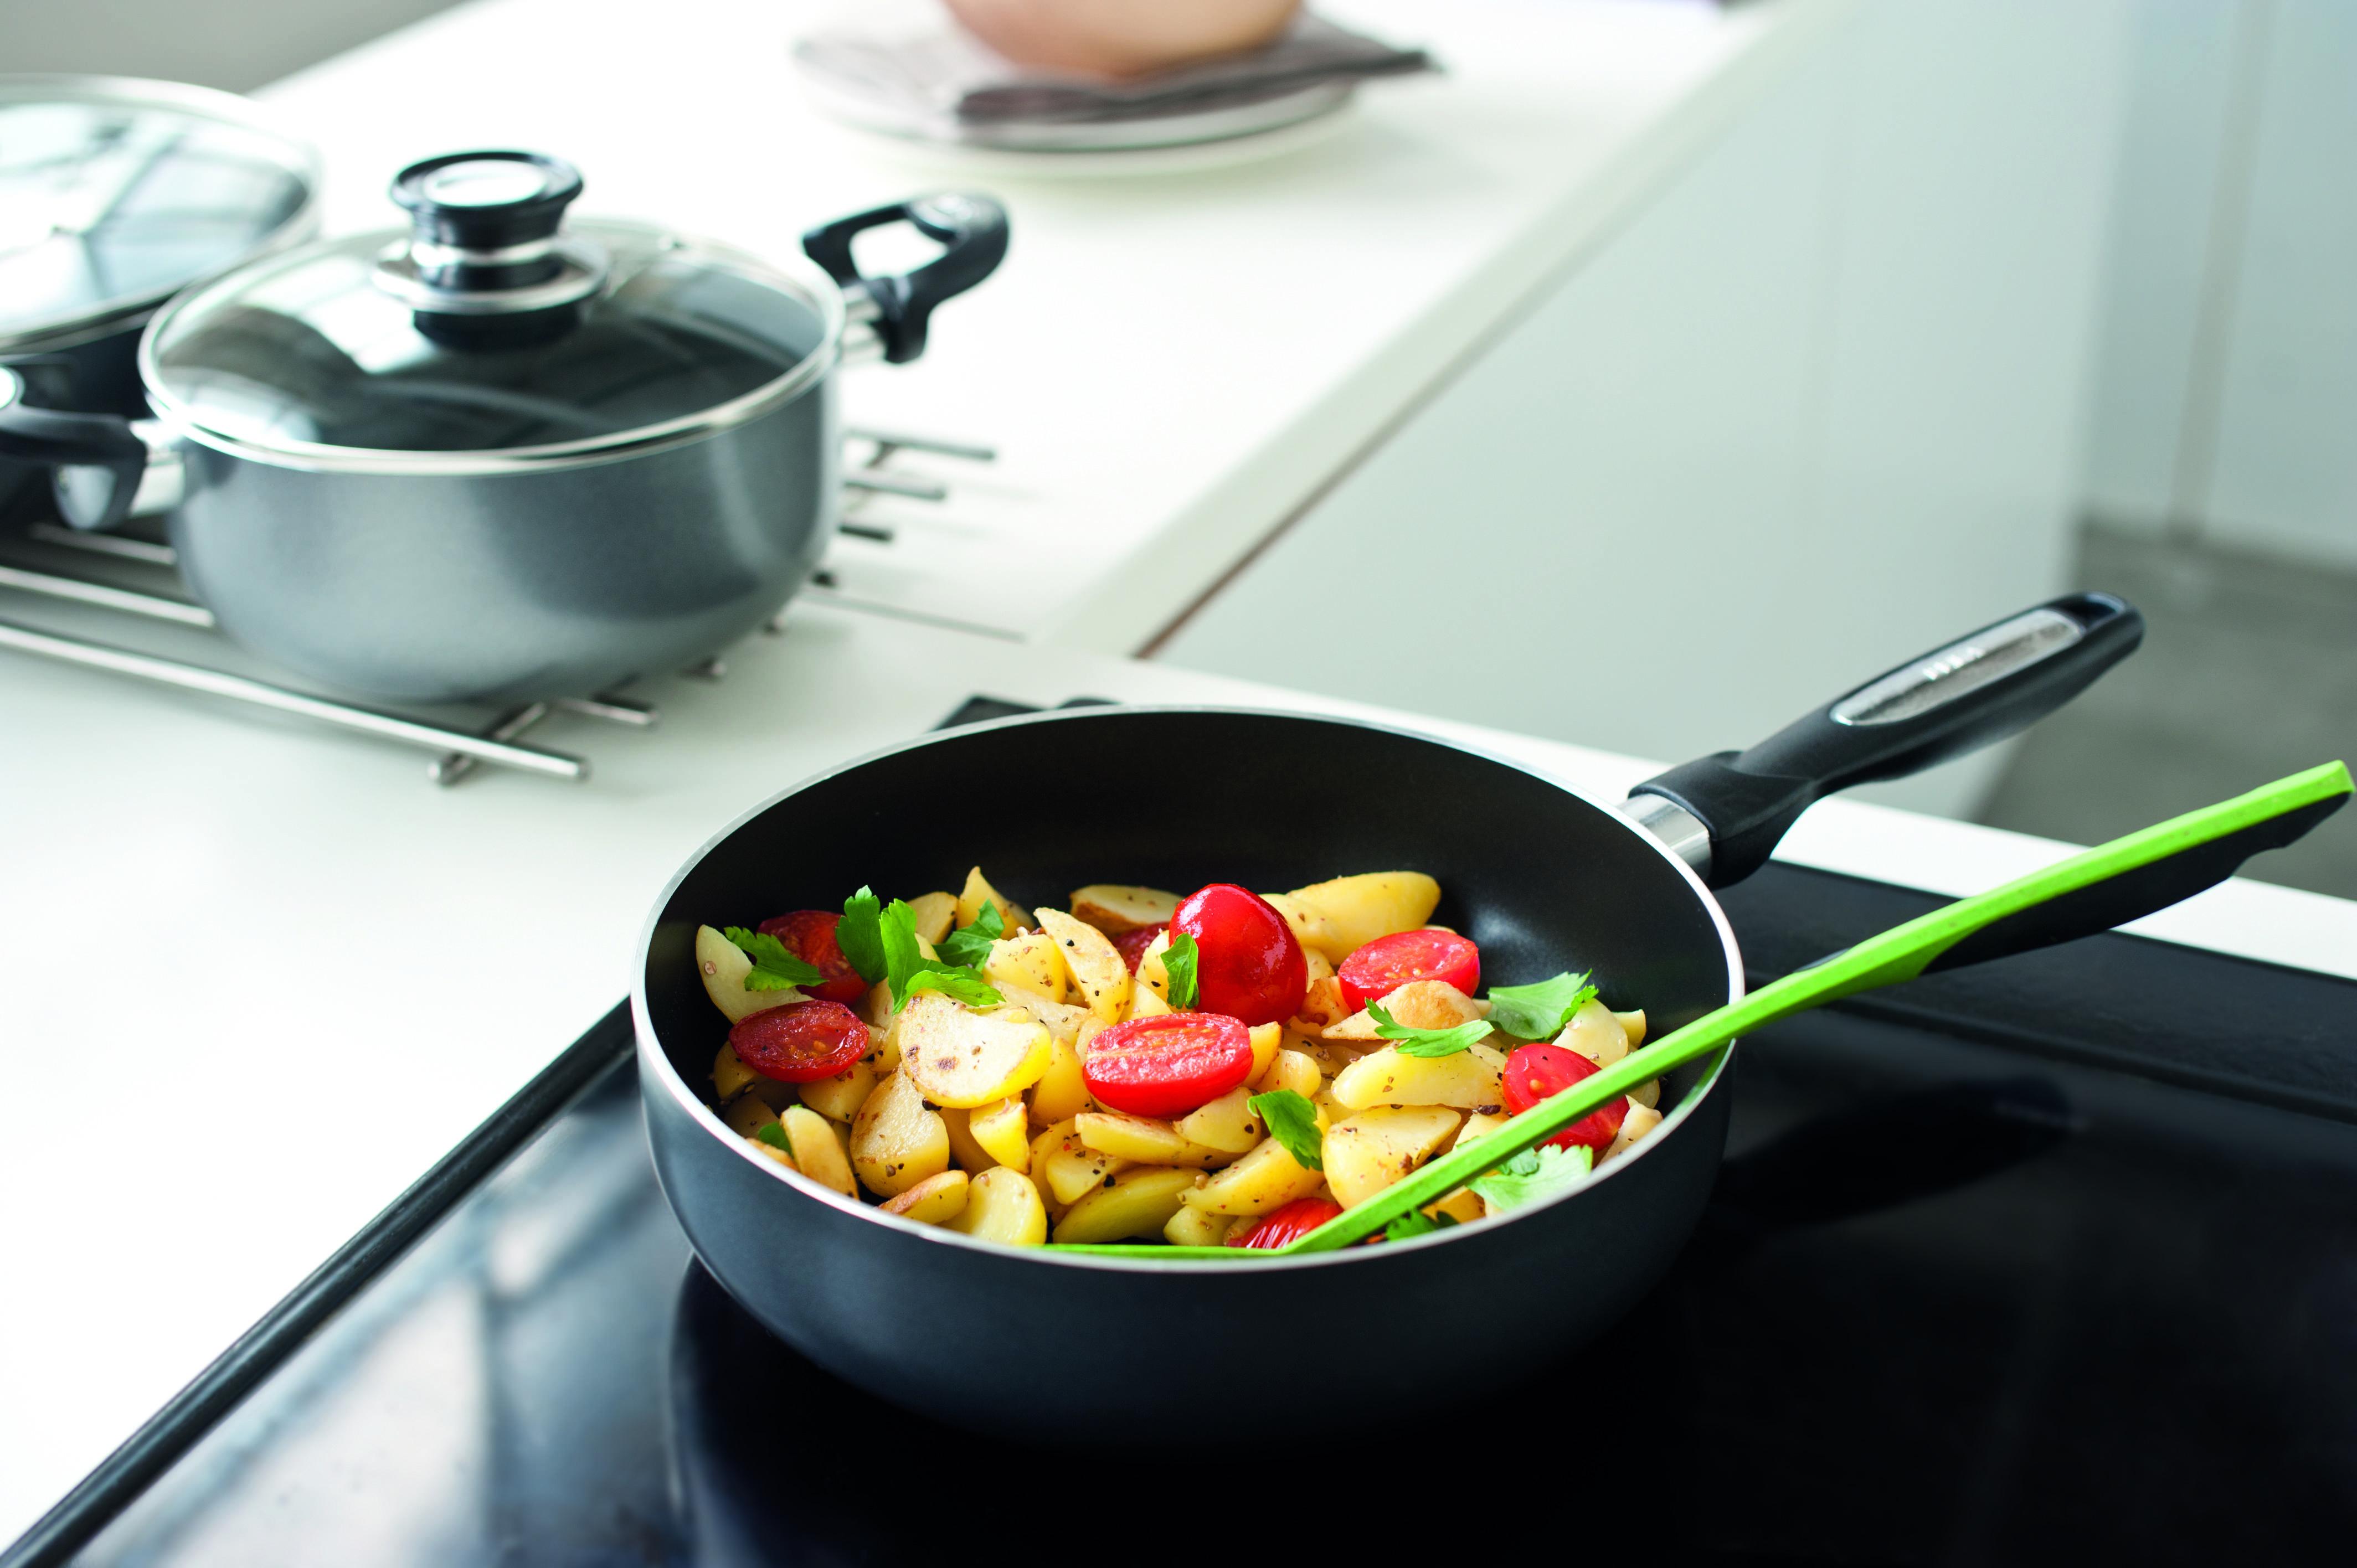 Чем сотейник отличается от сковородки и зачем он вообще нужен